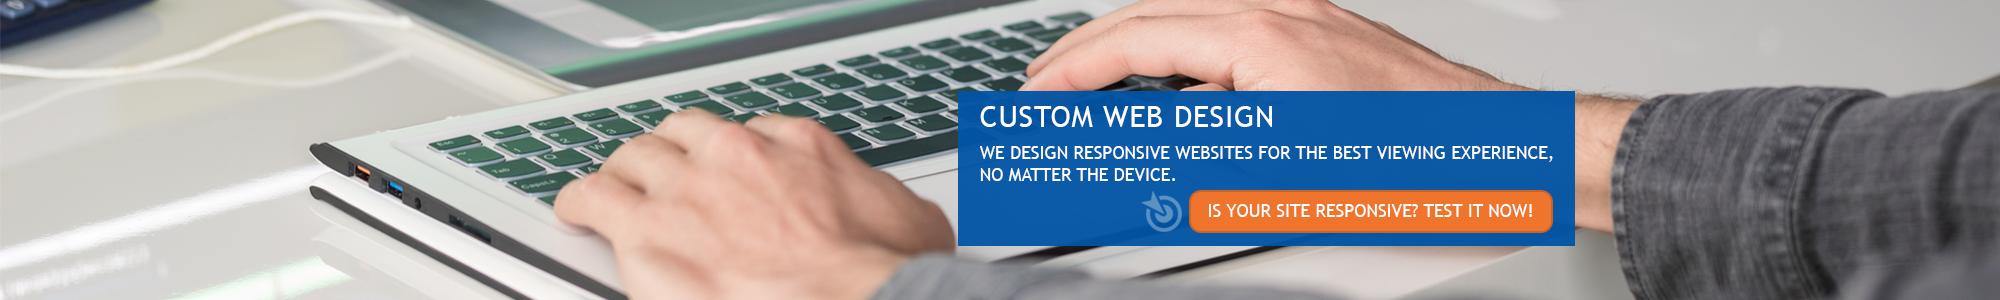 Custom-Web-Design-Banner